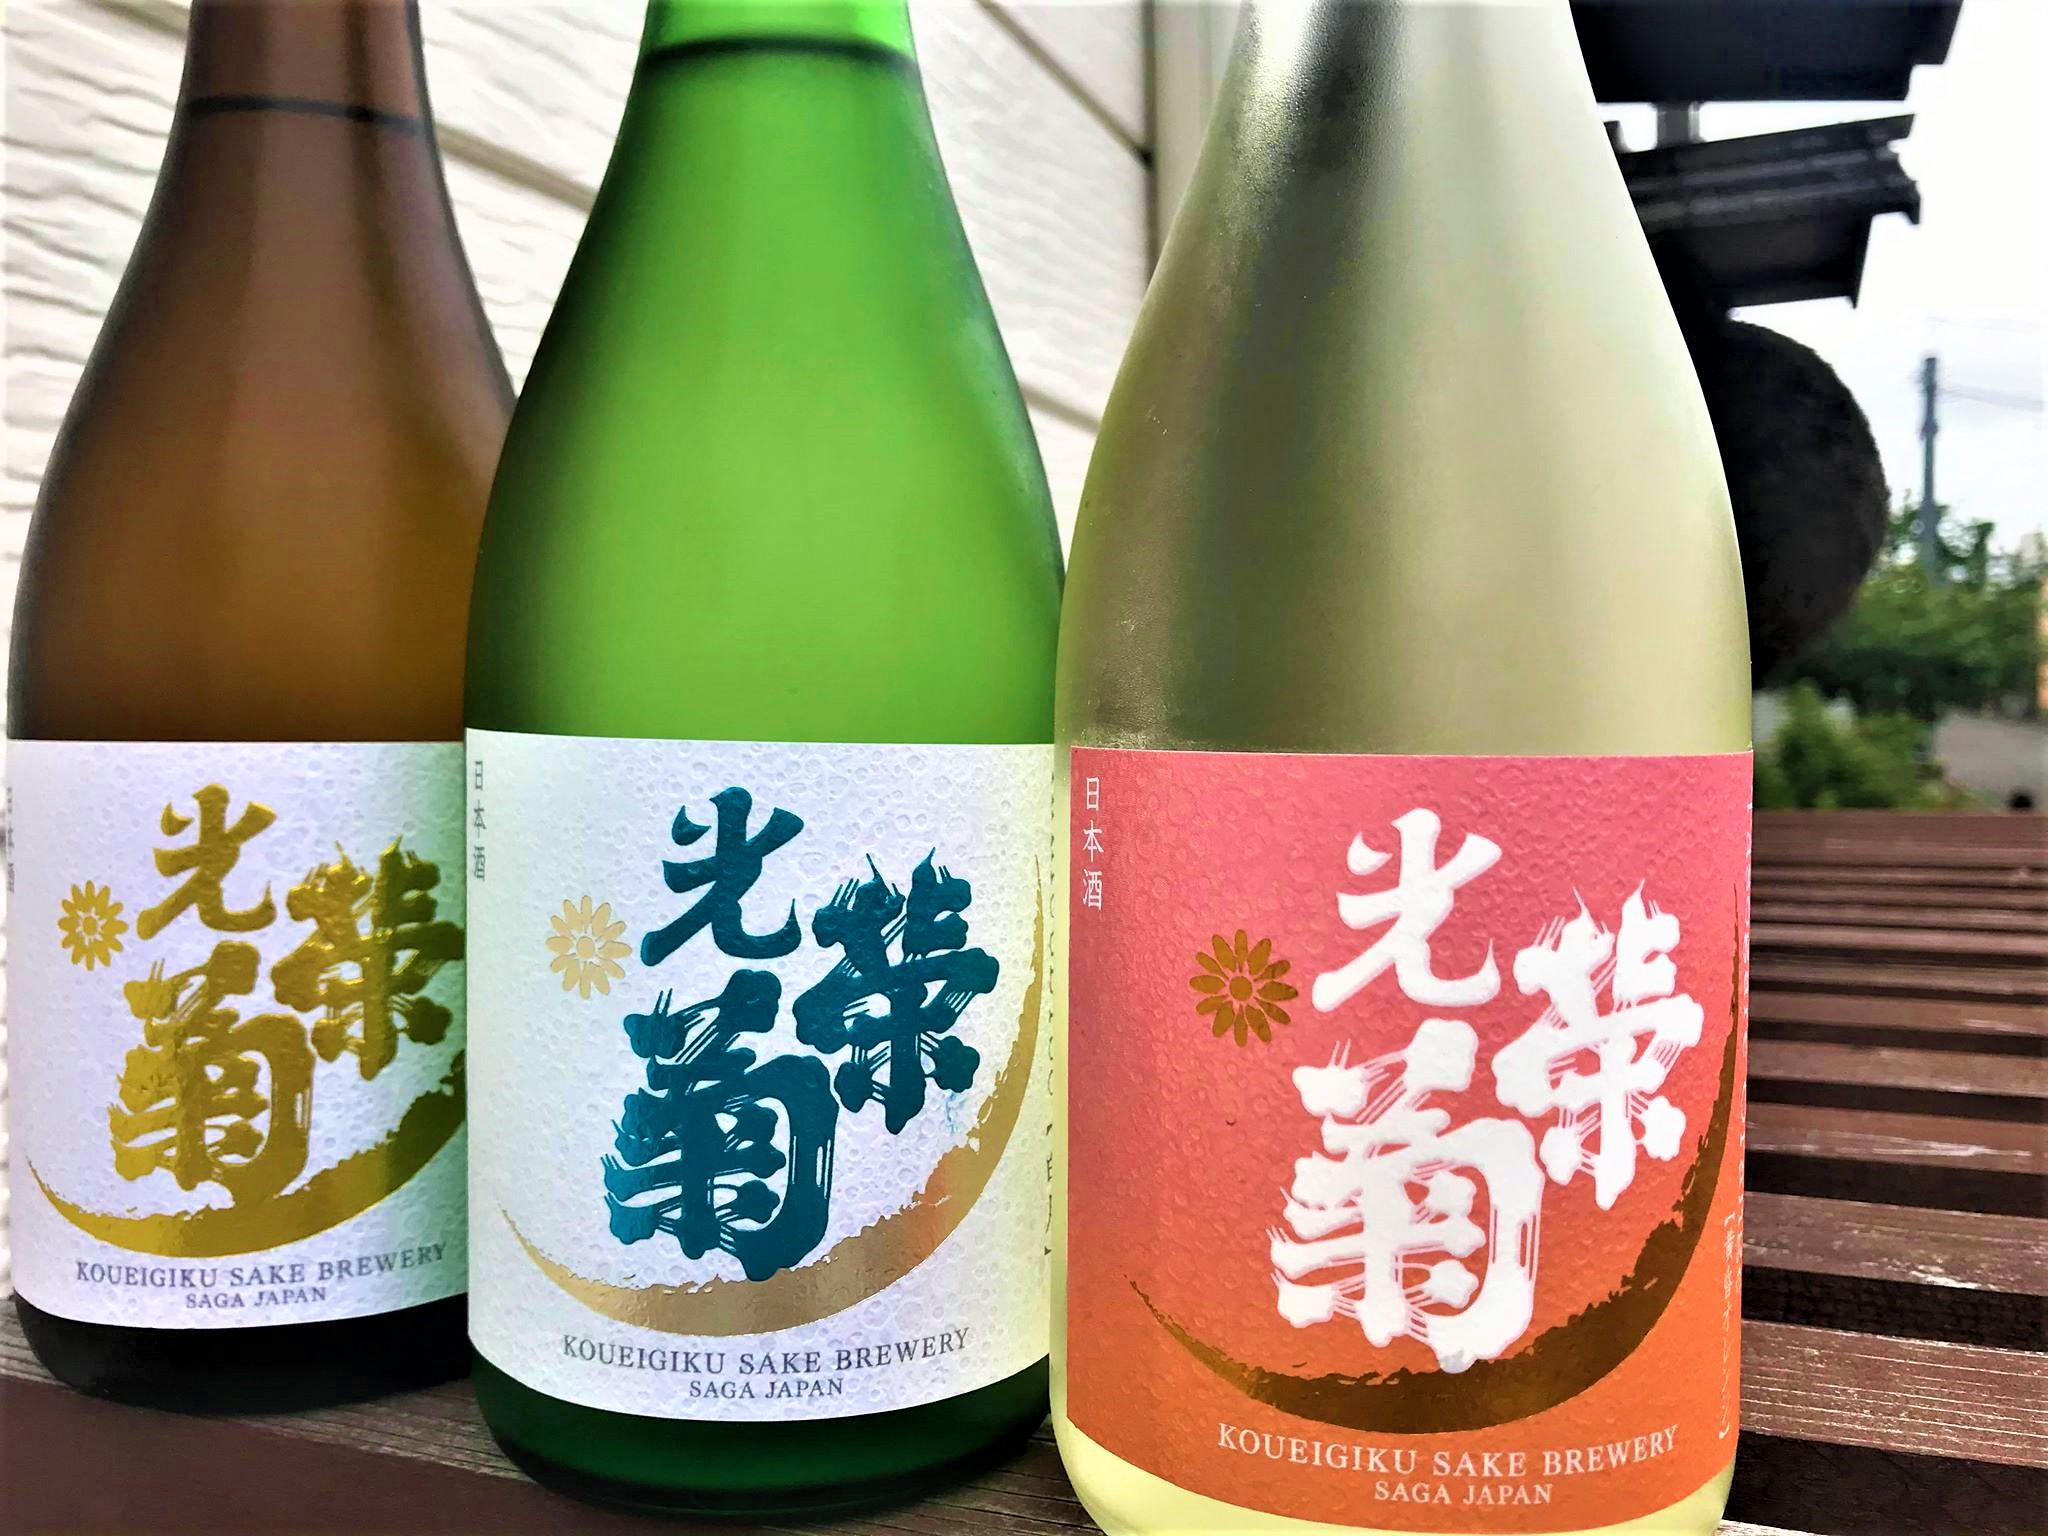 【日本酒】光栄菊 Special✨Three 店頭限定販売🎌3Days🤩_e0173738_10395440.jpg